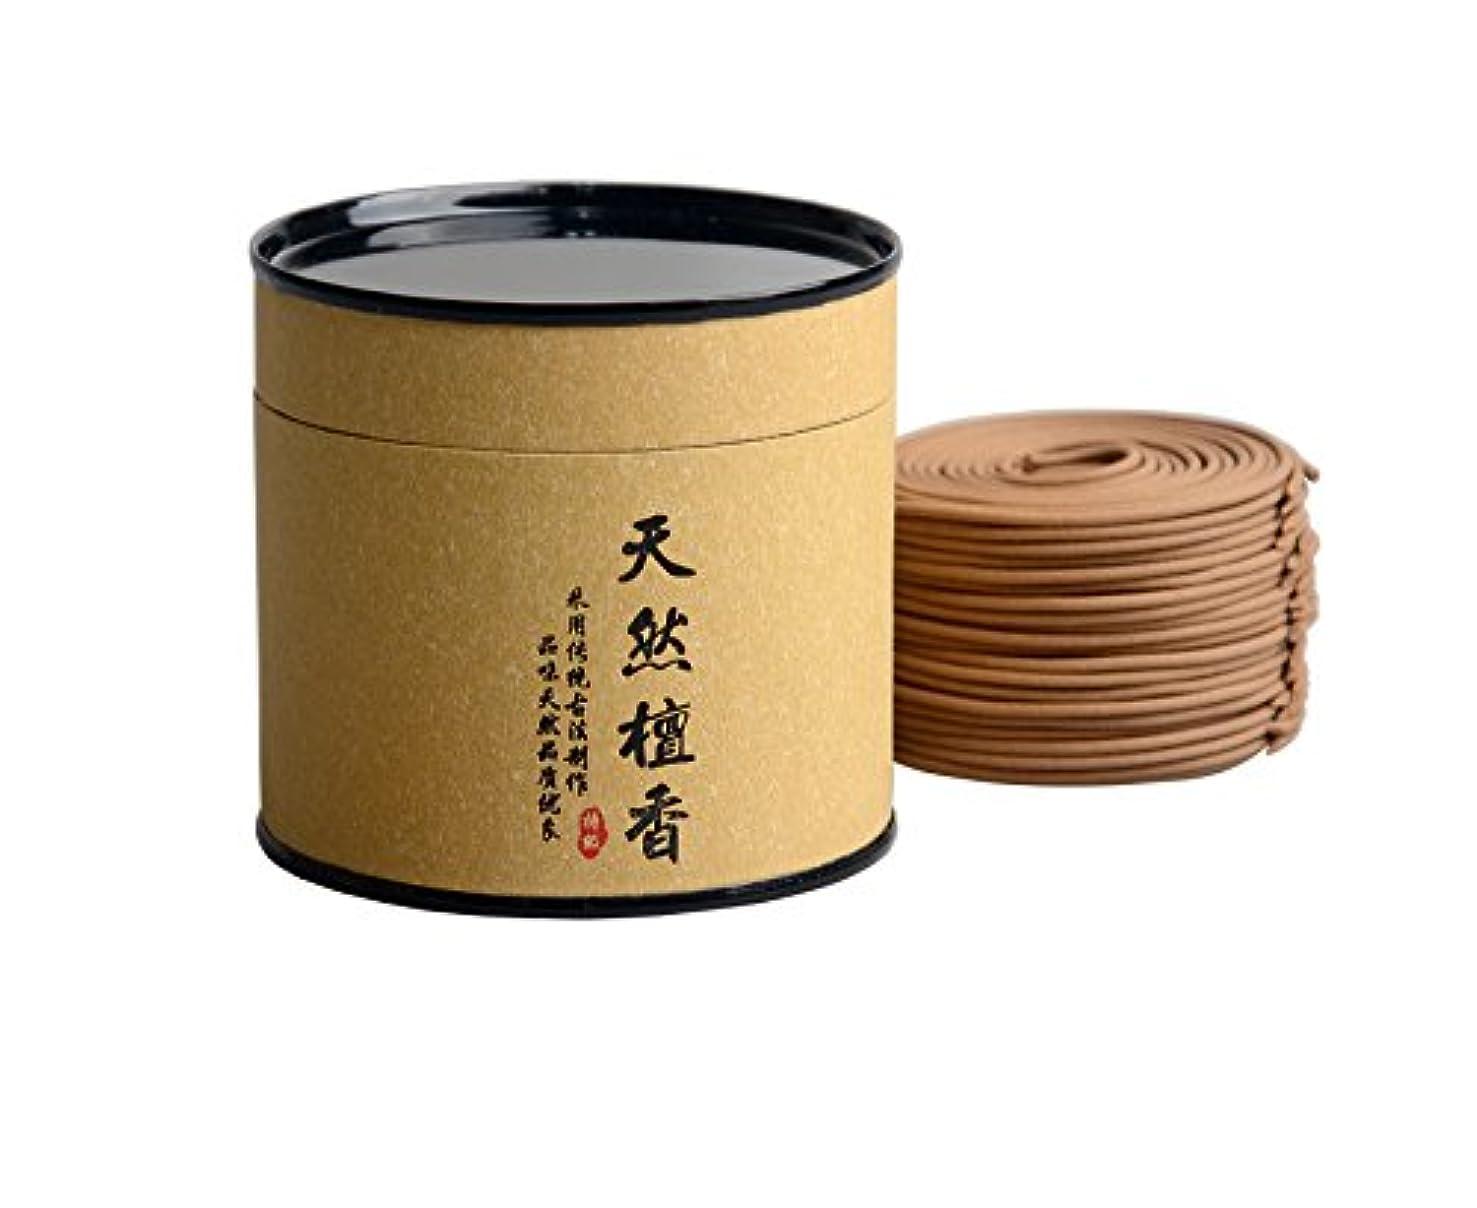 終わった発行する女将Hwagui しぜん 手作り お香 ギフト 優しい香り 渦巻き線香 オーストラリア 白檀 (白檀-4時間)